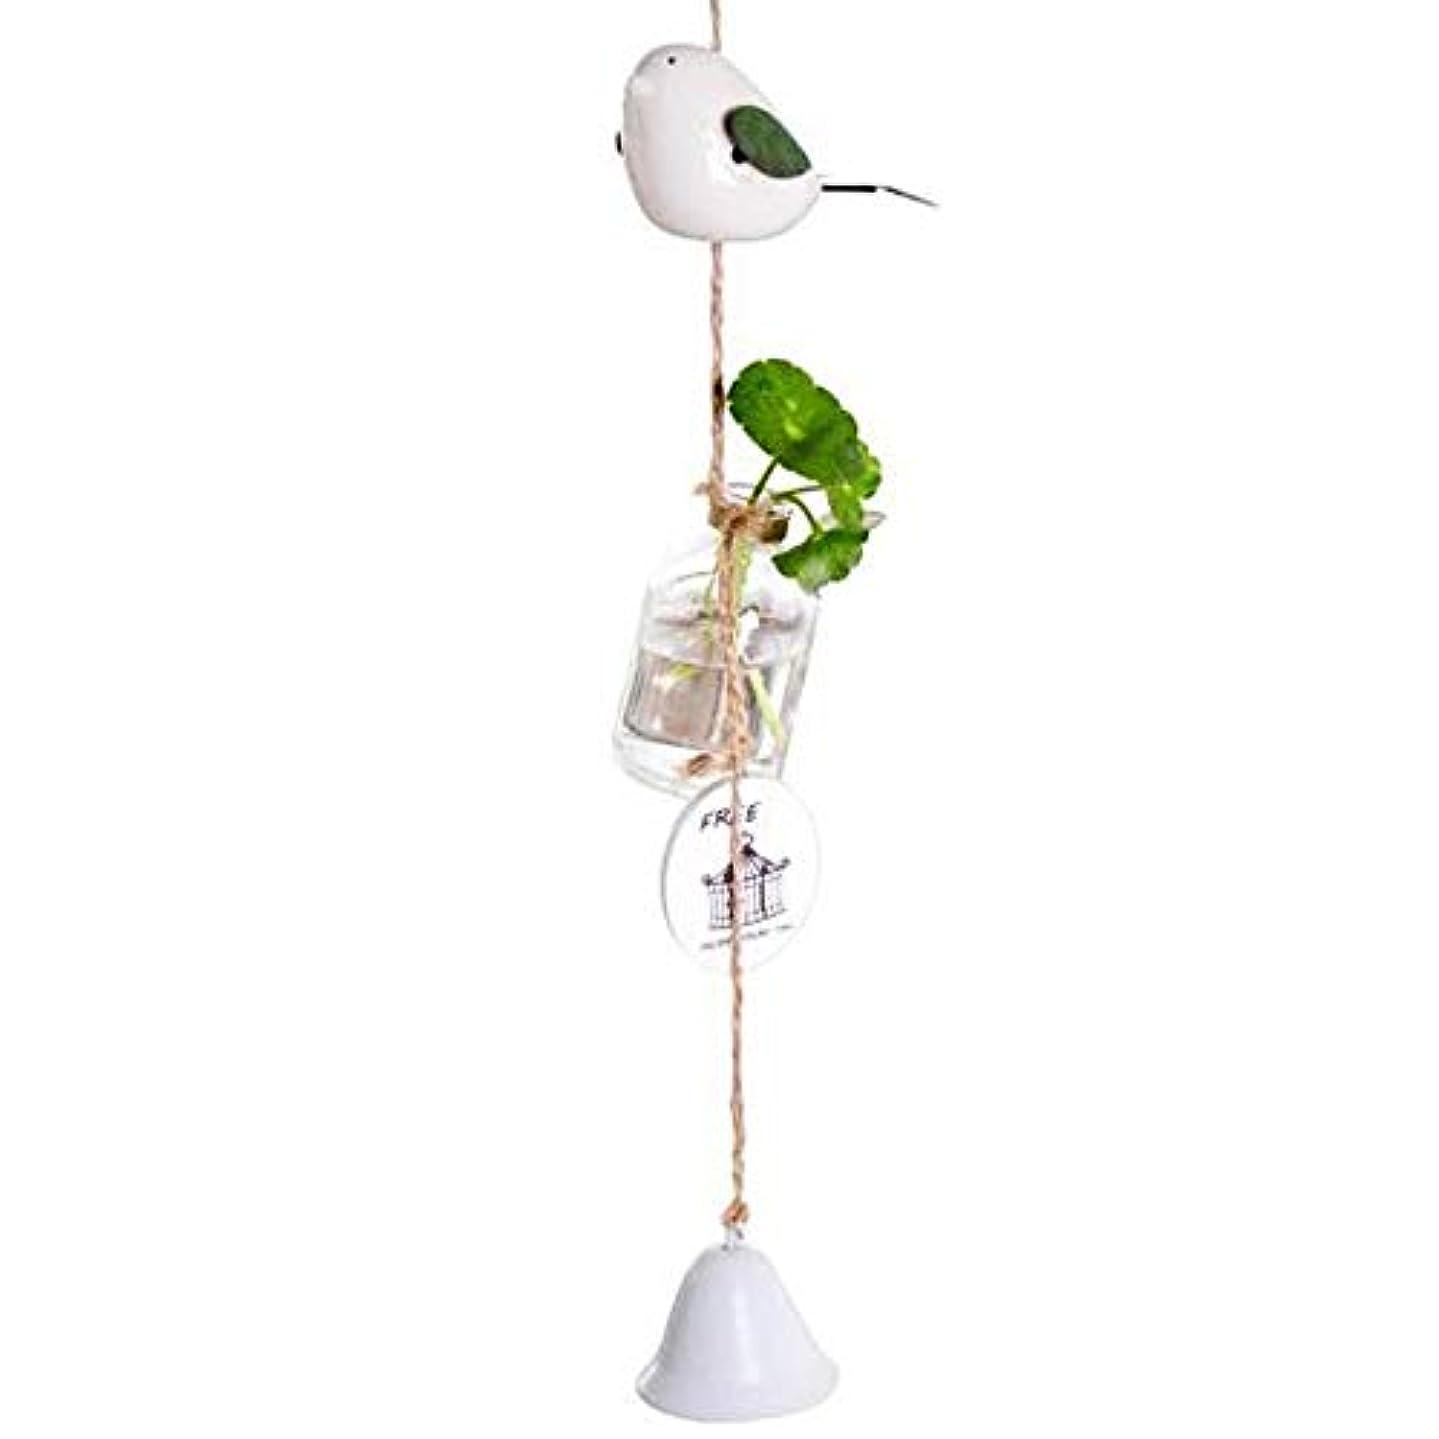 堂々たる花婿歯科医Youshangshipin 風チャイム、クリエイティブ?グラス風チャイム、白、ロープの長さ63センチメートルボトル(なし植物),美しいギフトボックス (Color : White)